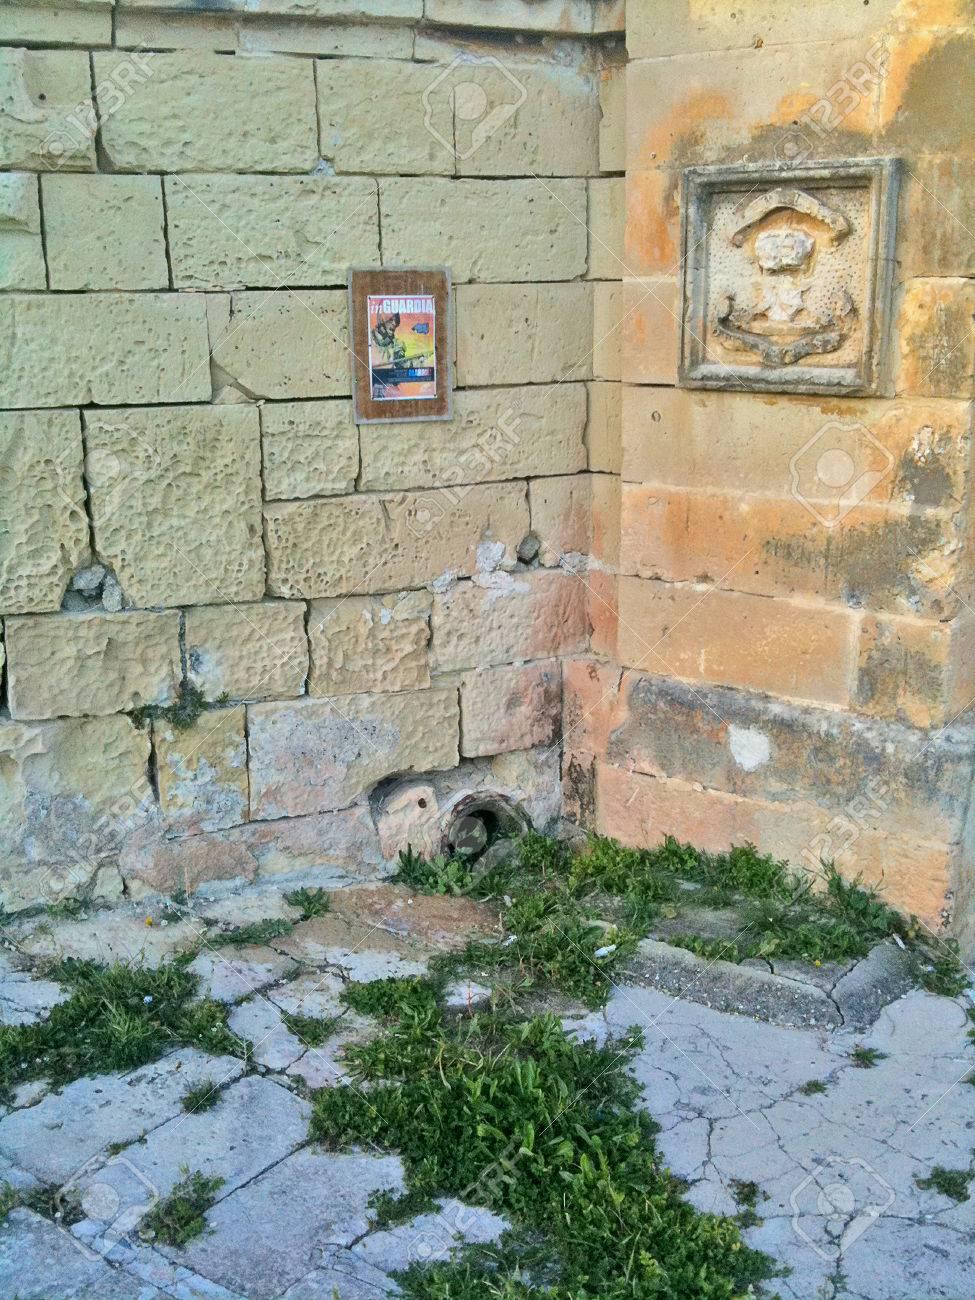 Maltese stonework, artwork, and frame on outside walls - 34392175